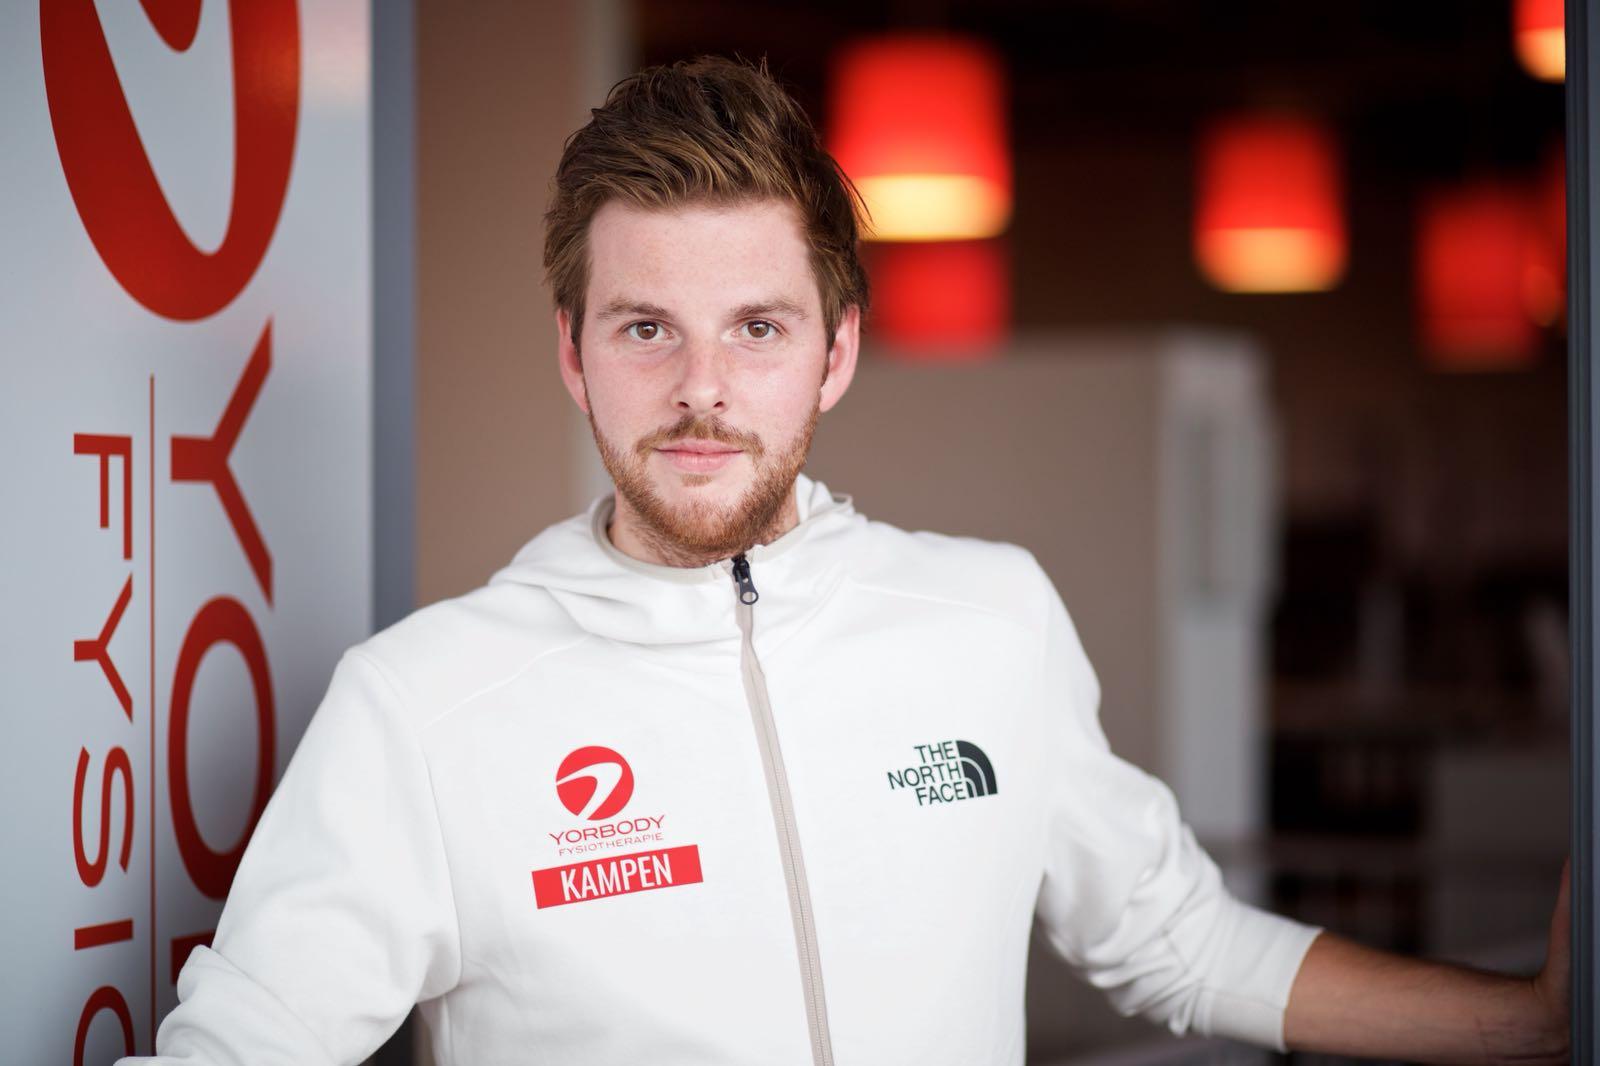 Matthias Hammer YorBody Fysiotherapie Zwolle